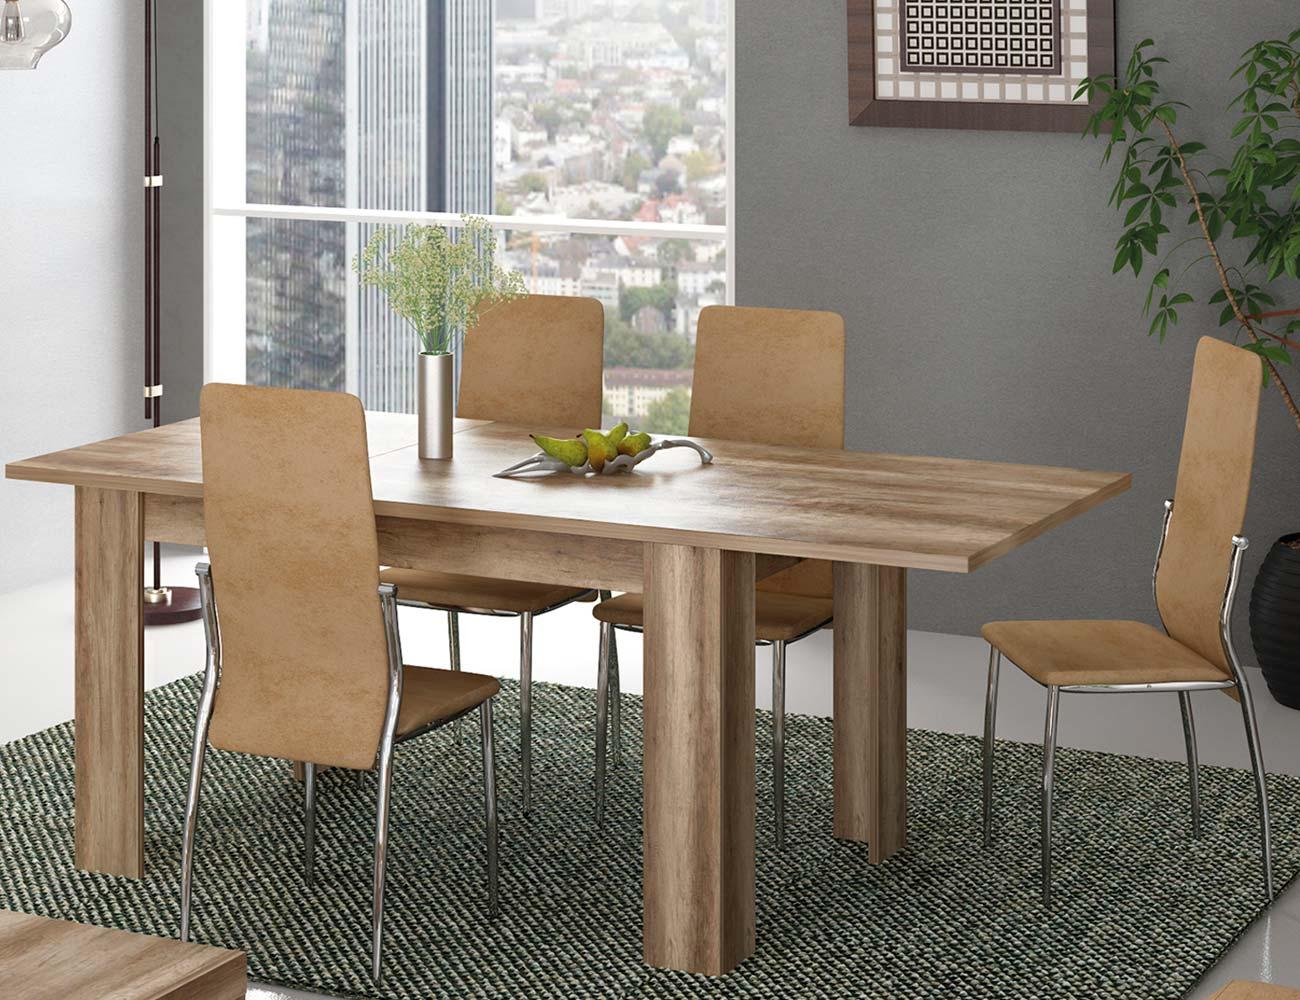 Conjunto 2 mesa comedor extensible color cañon silla tela jarama beige